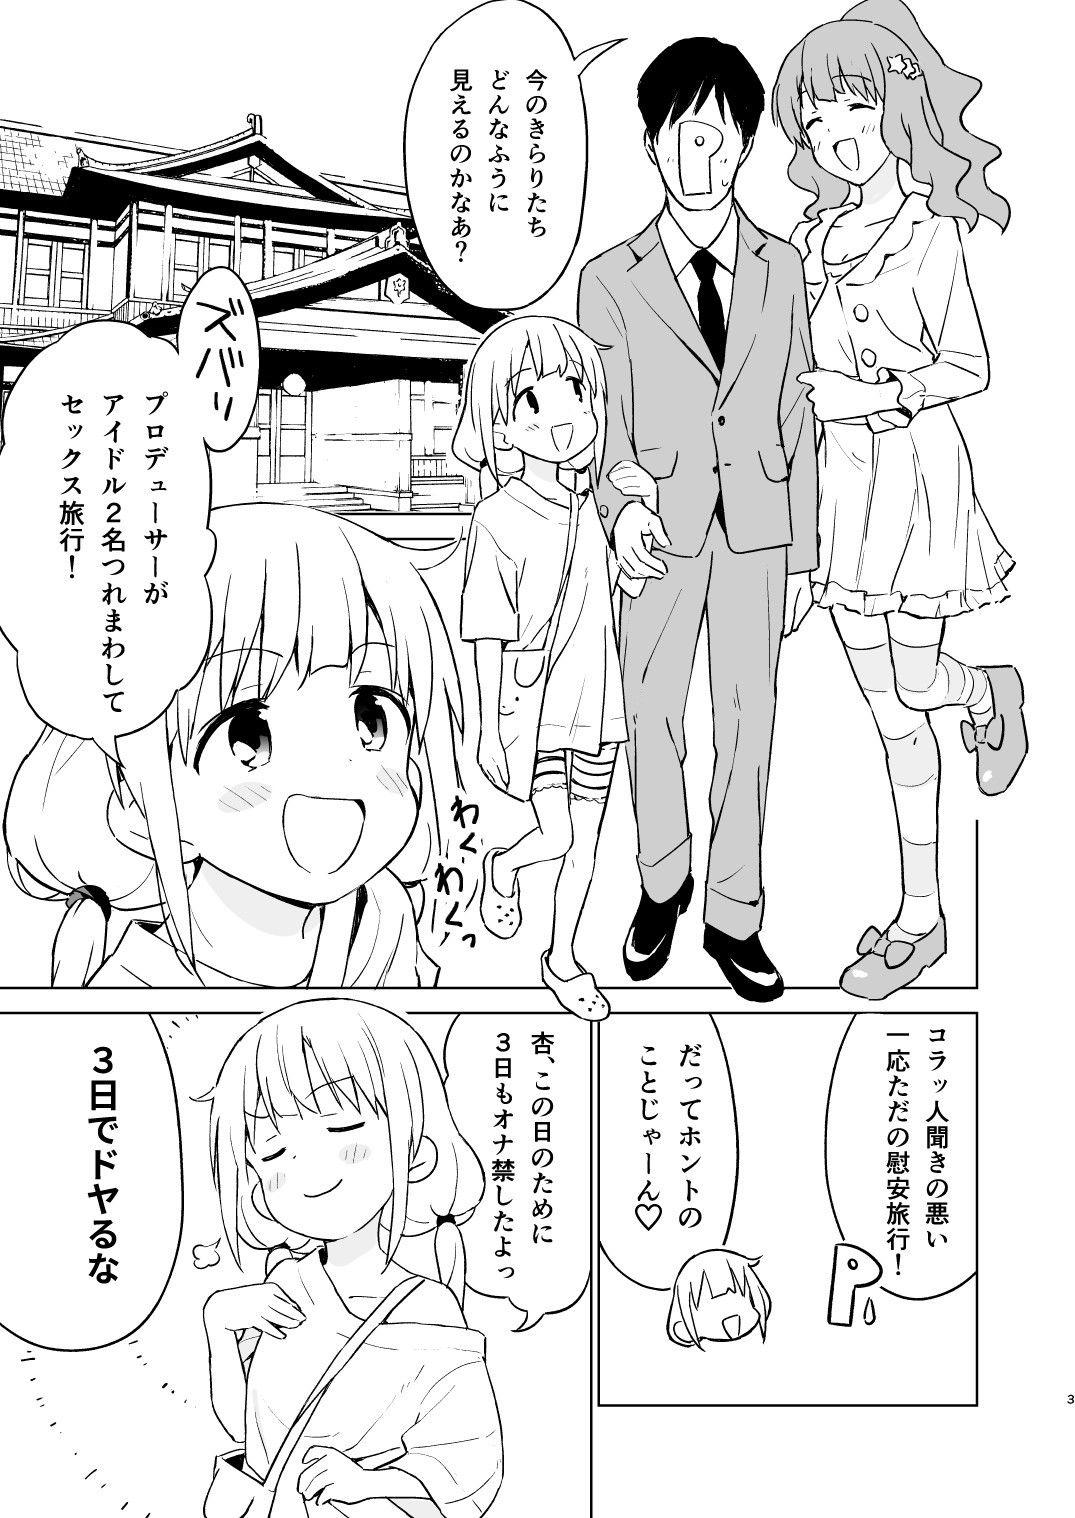 https://www.dmm.co.jp/dc/doujin/-/detail/=/cid=d_170851/